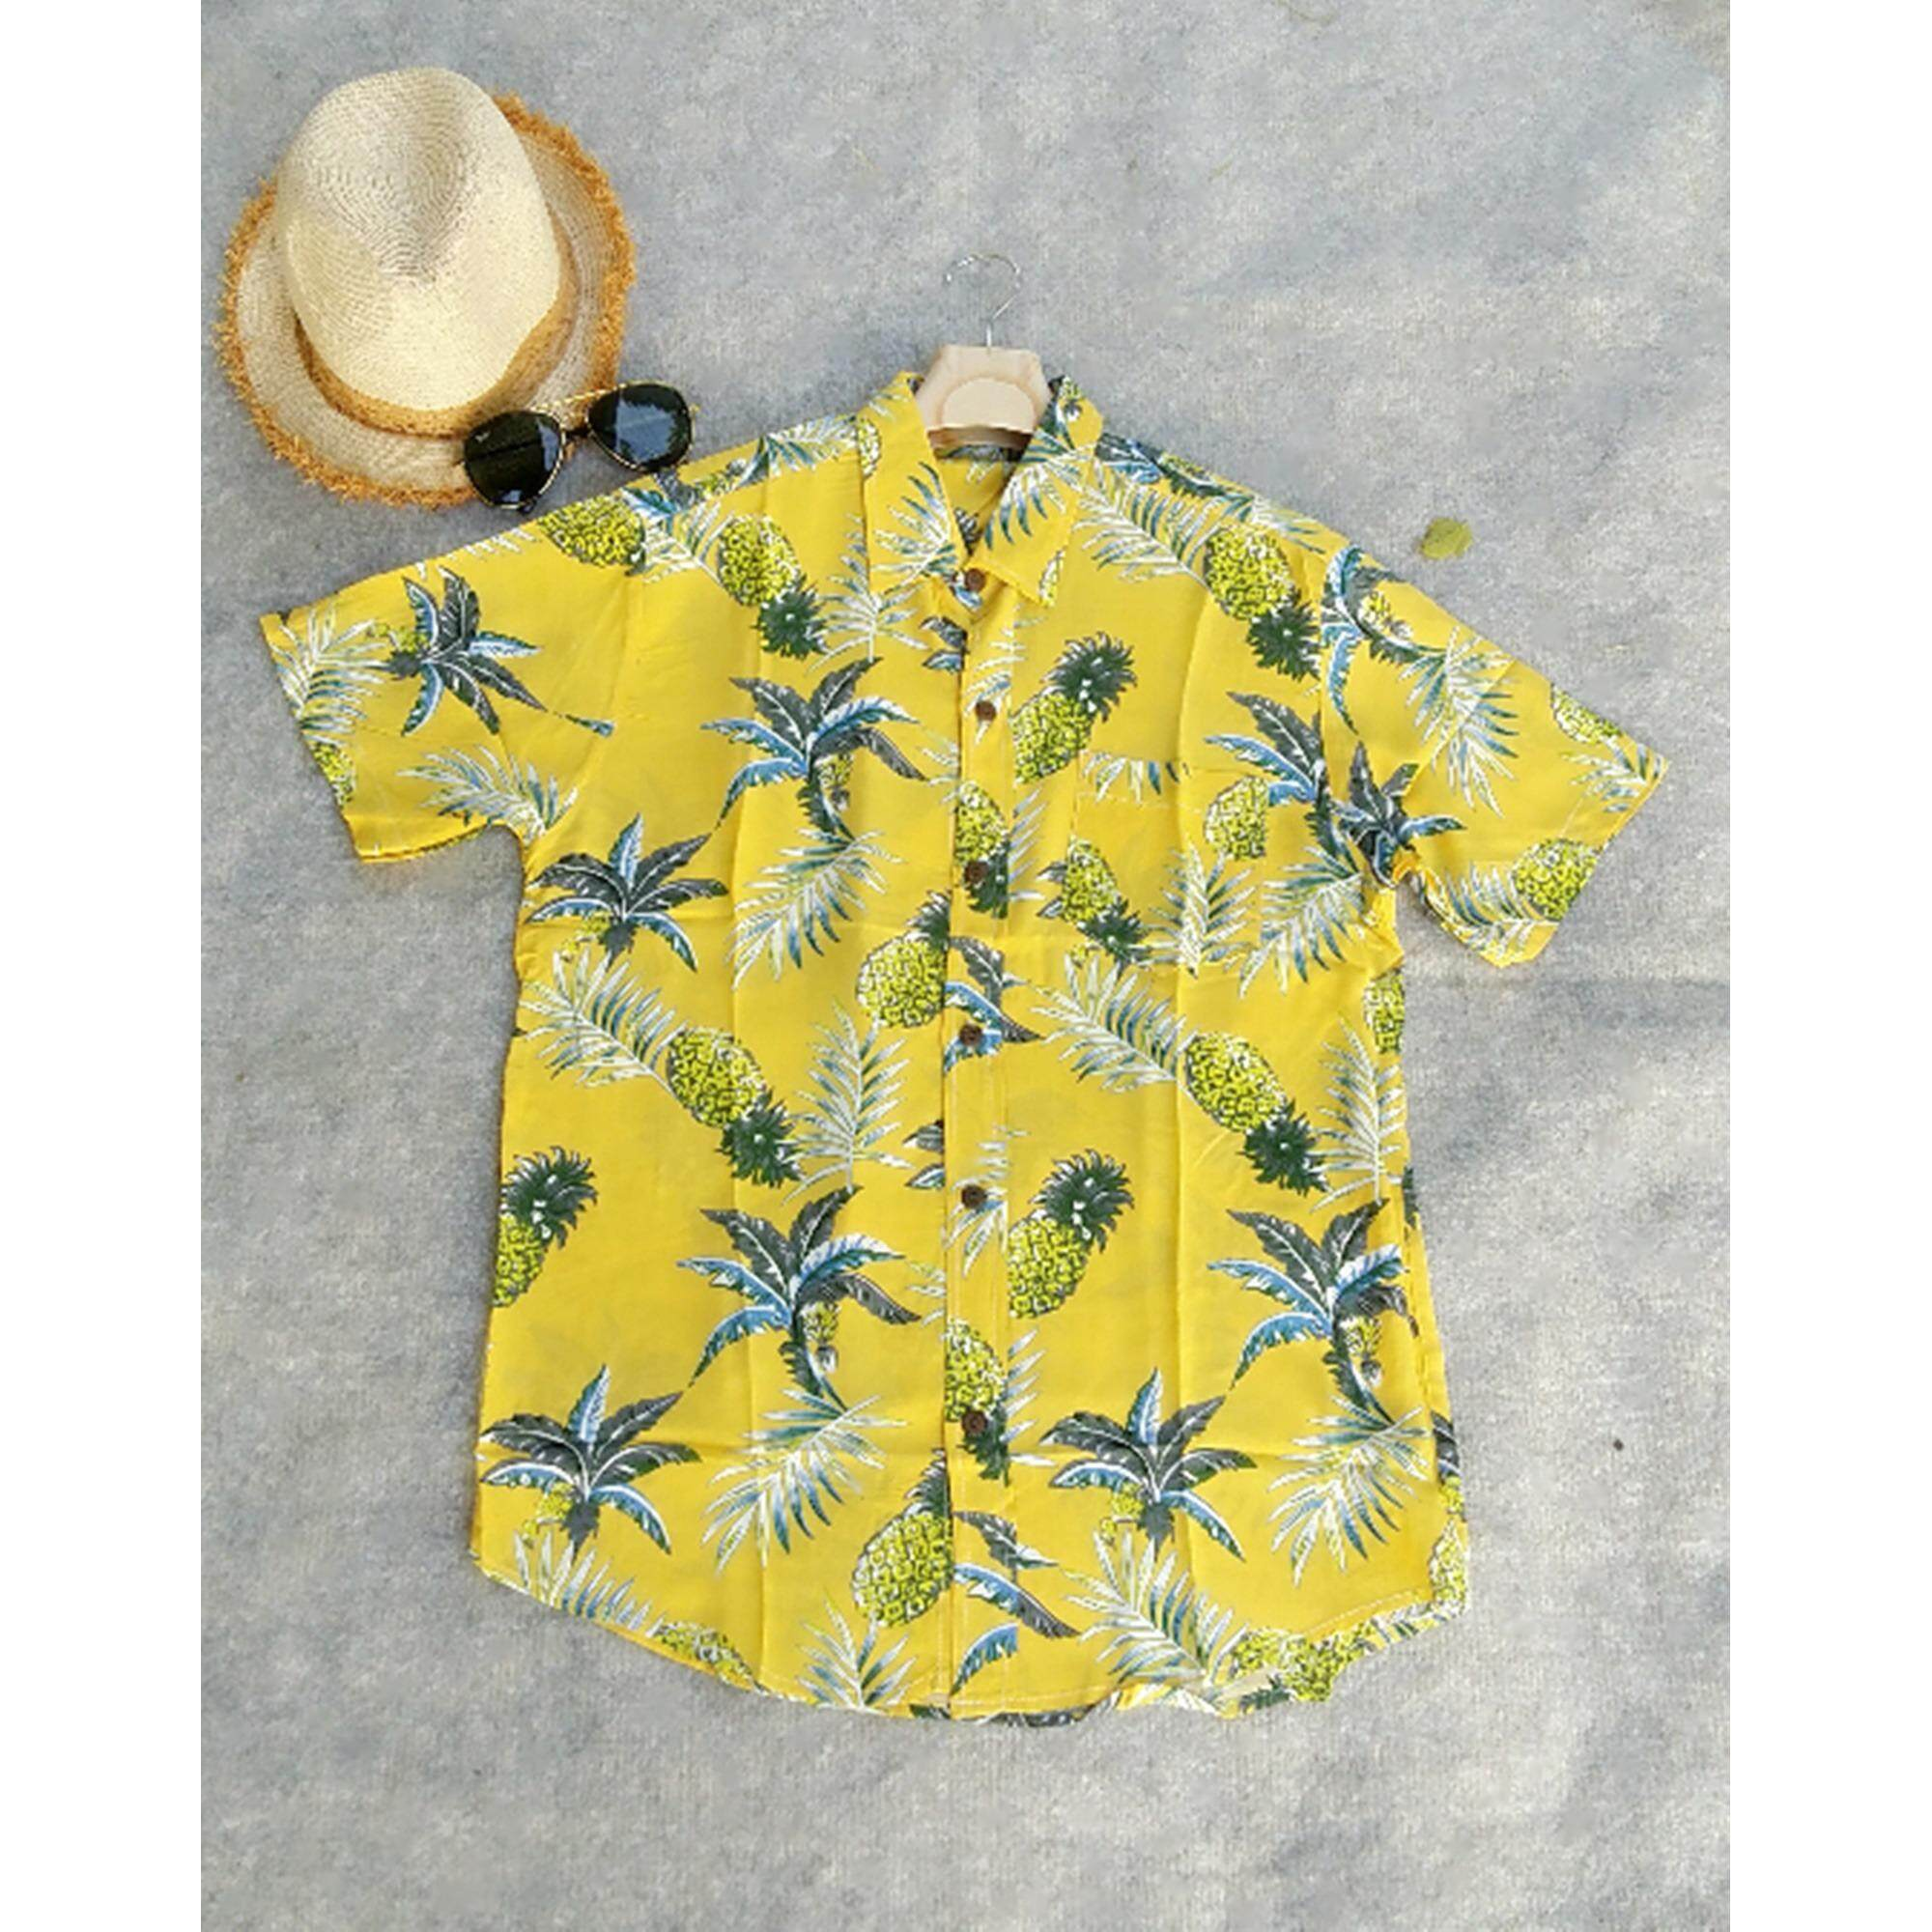 ขาย ซื้อ ออนไลน์ Mama Shop เสื้อเซิ้ตฮาวาย พิมพ์ลายดอกสับปะรด พื้นสีเหลือง คอปก ไซส์ M ผ้านิ่มใส่สบาย รุ่น Mb 113